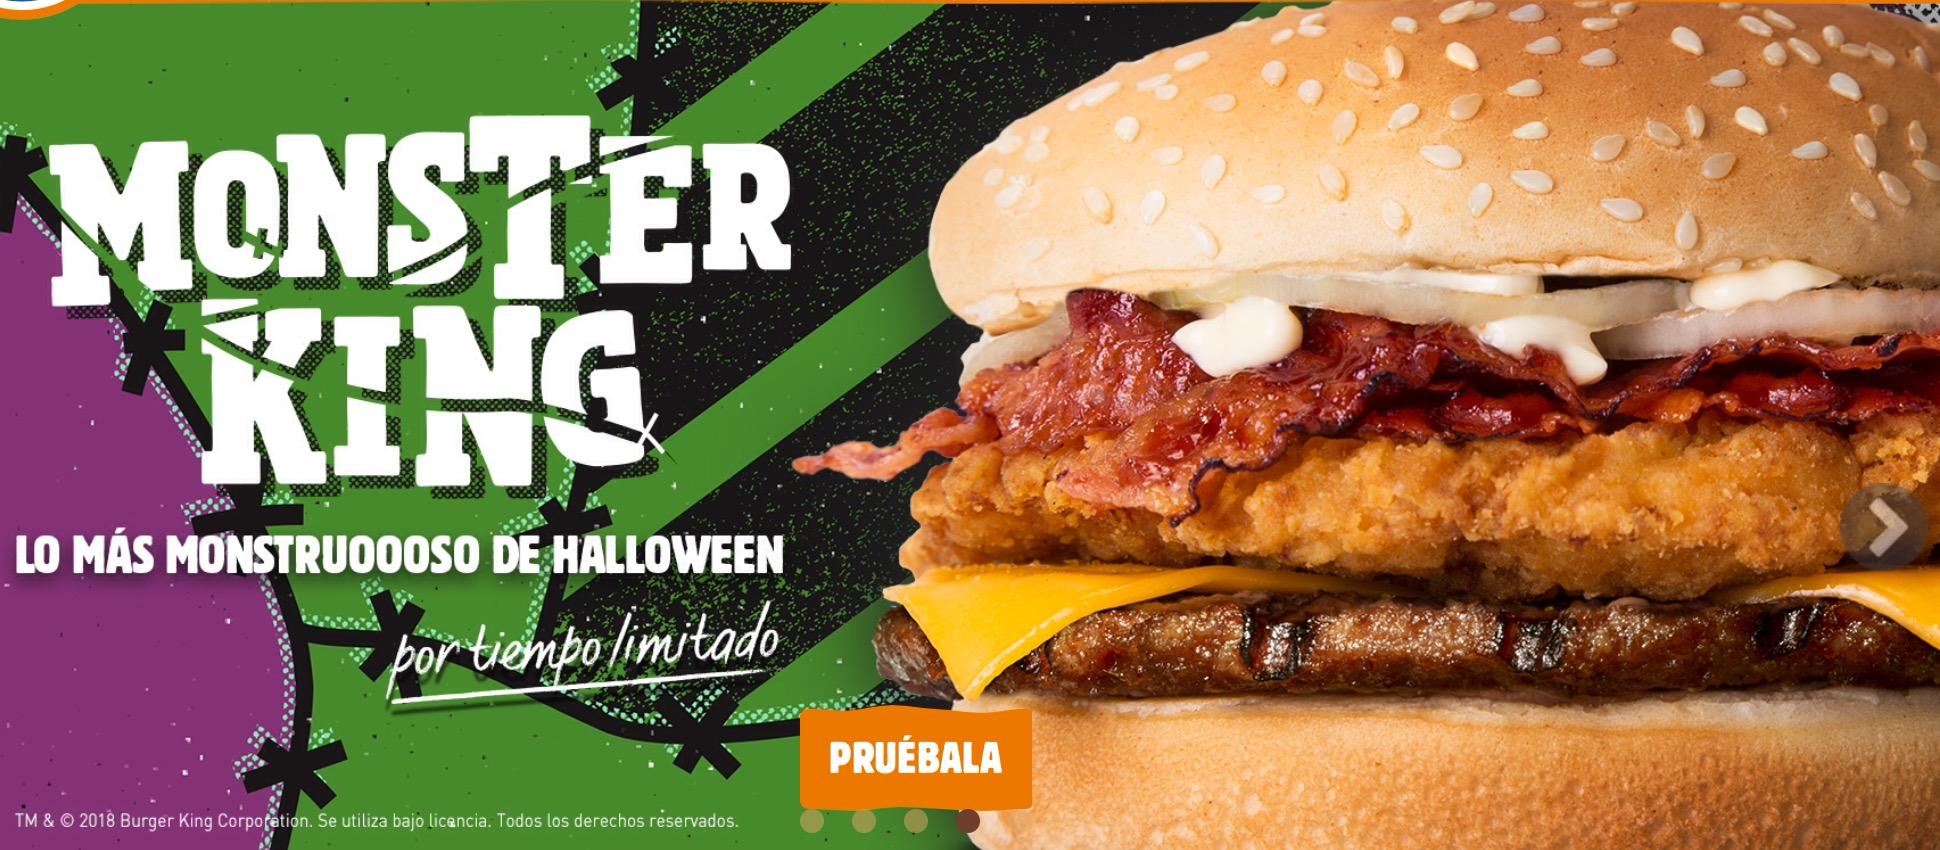 Burger King Monster King